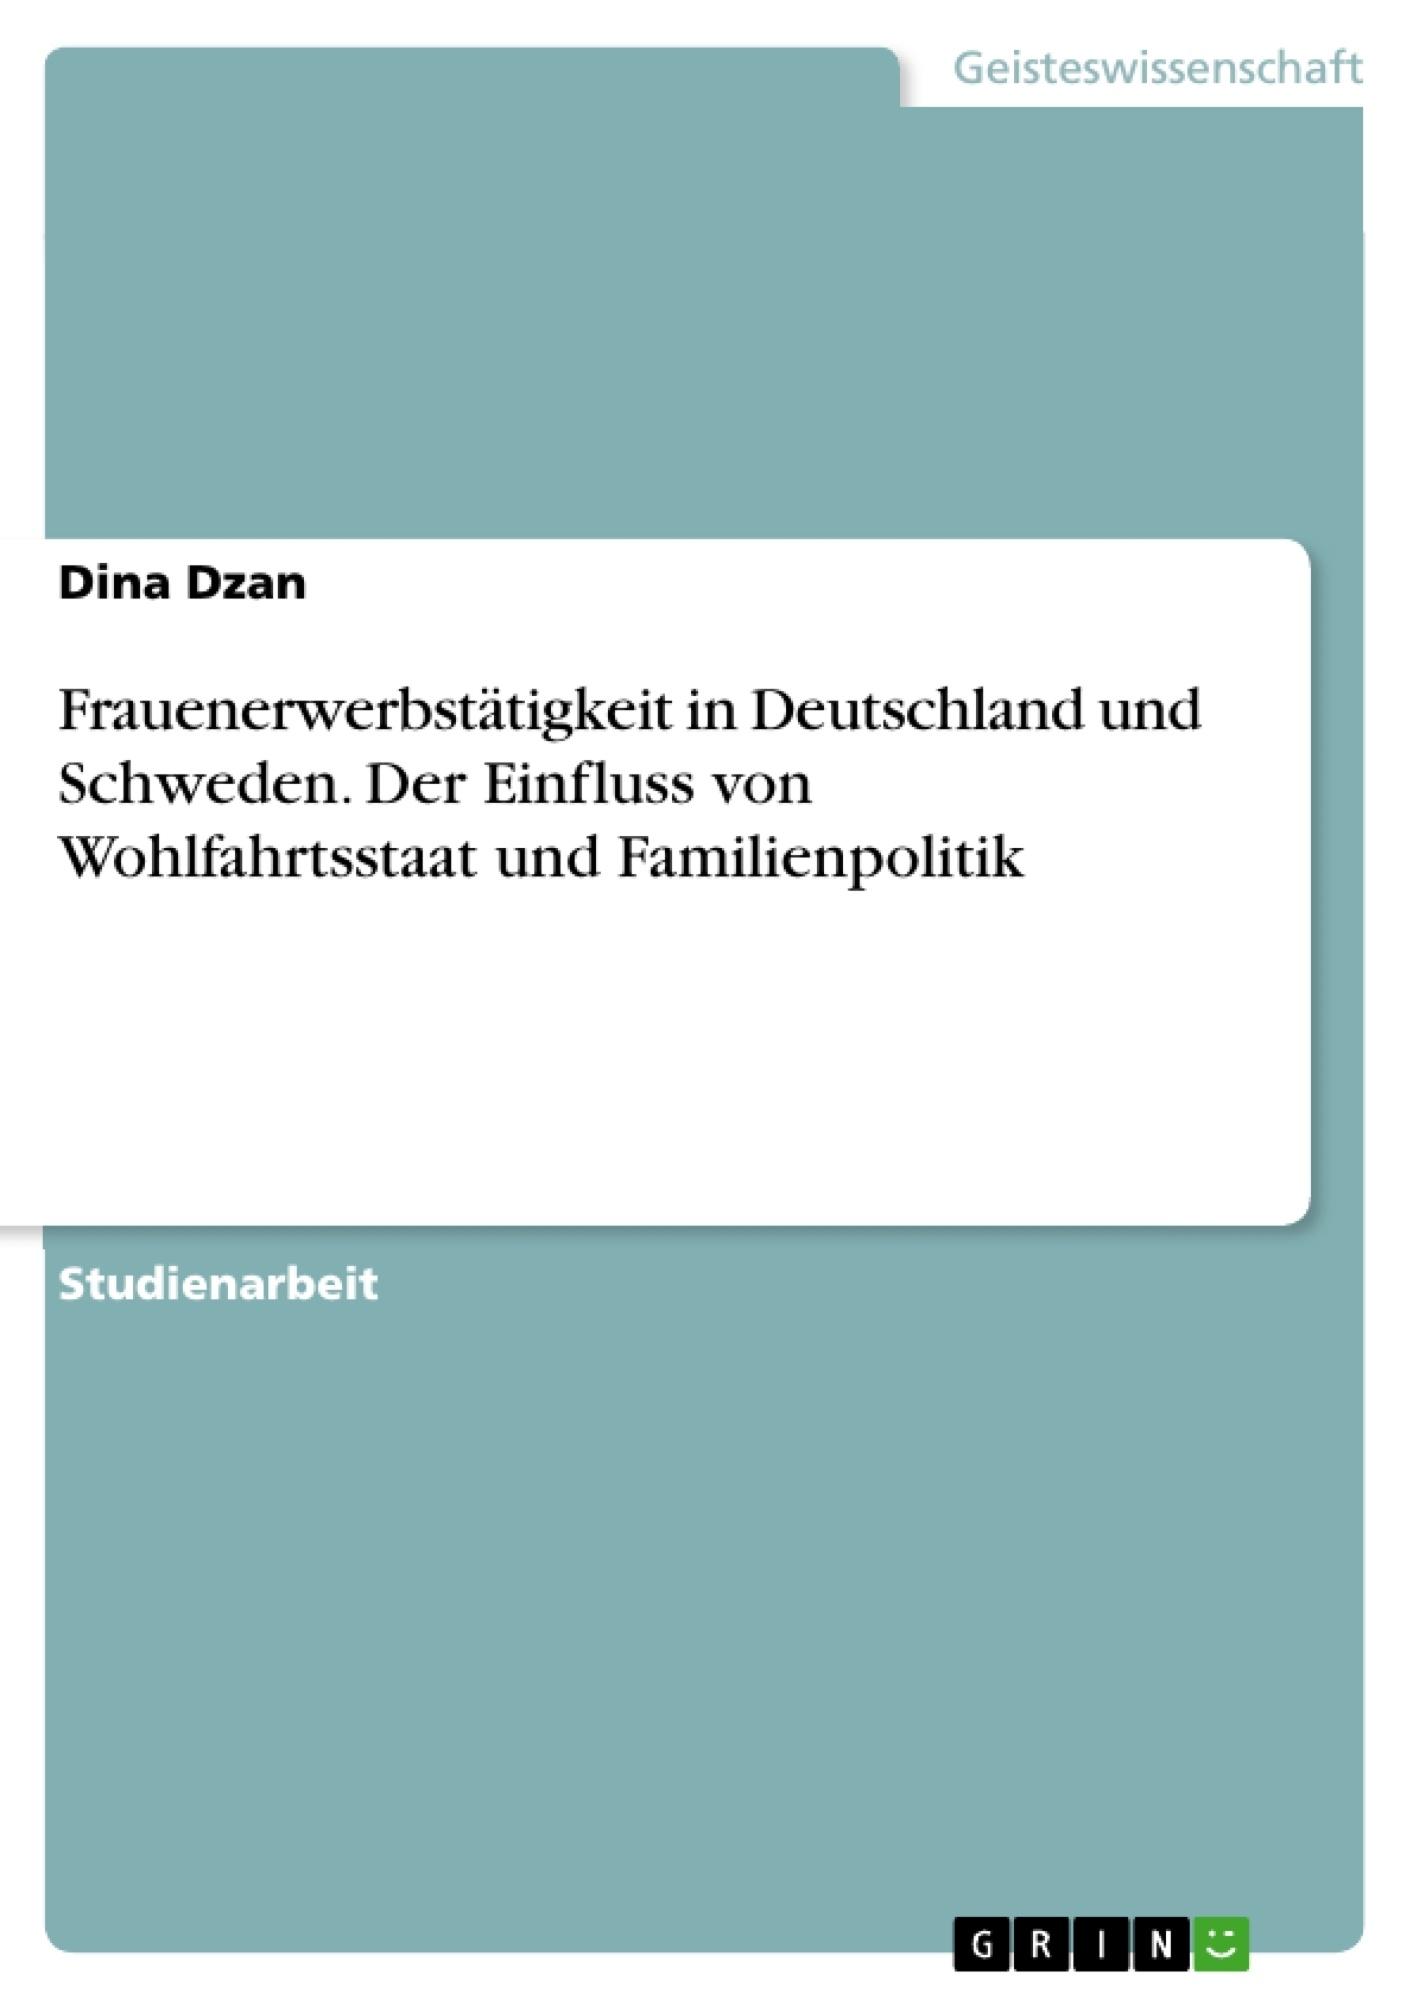 Titel: Frauenerwerbstätigkeit in Deutschland und Schweden. Der Einfluss von Wohlfahrtsstaat und Familienpolitik